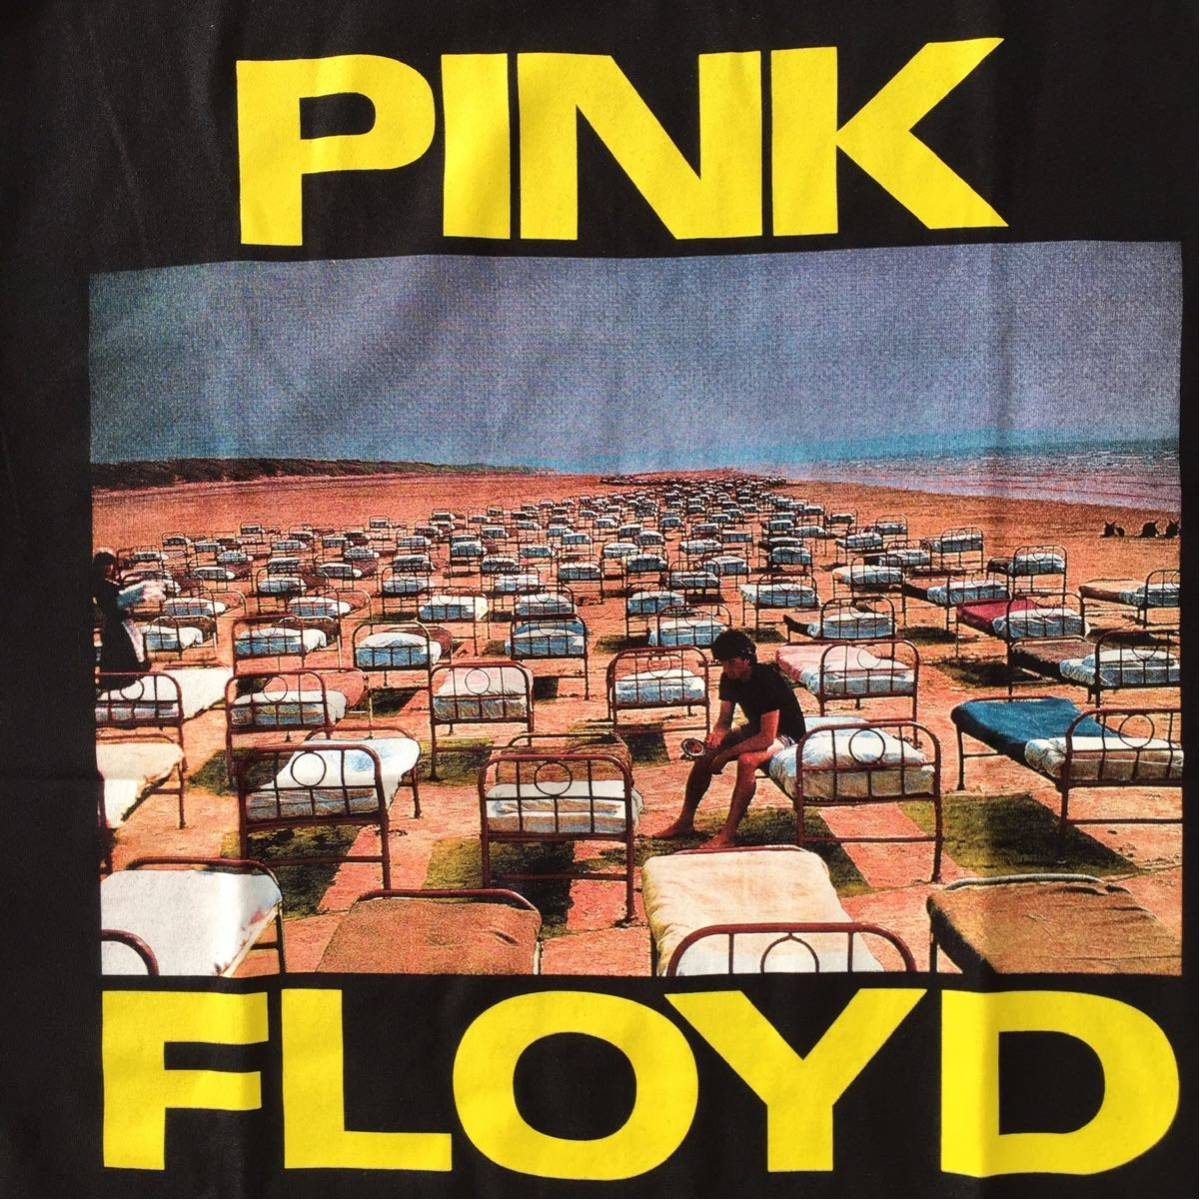 バンドTシャツ ピンク フロイド(PINK FLOYD) 新品 M_画像2